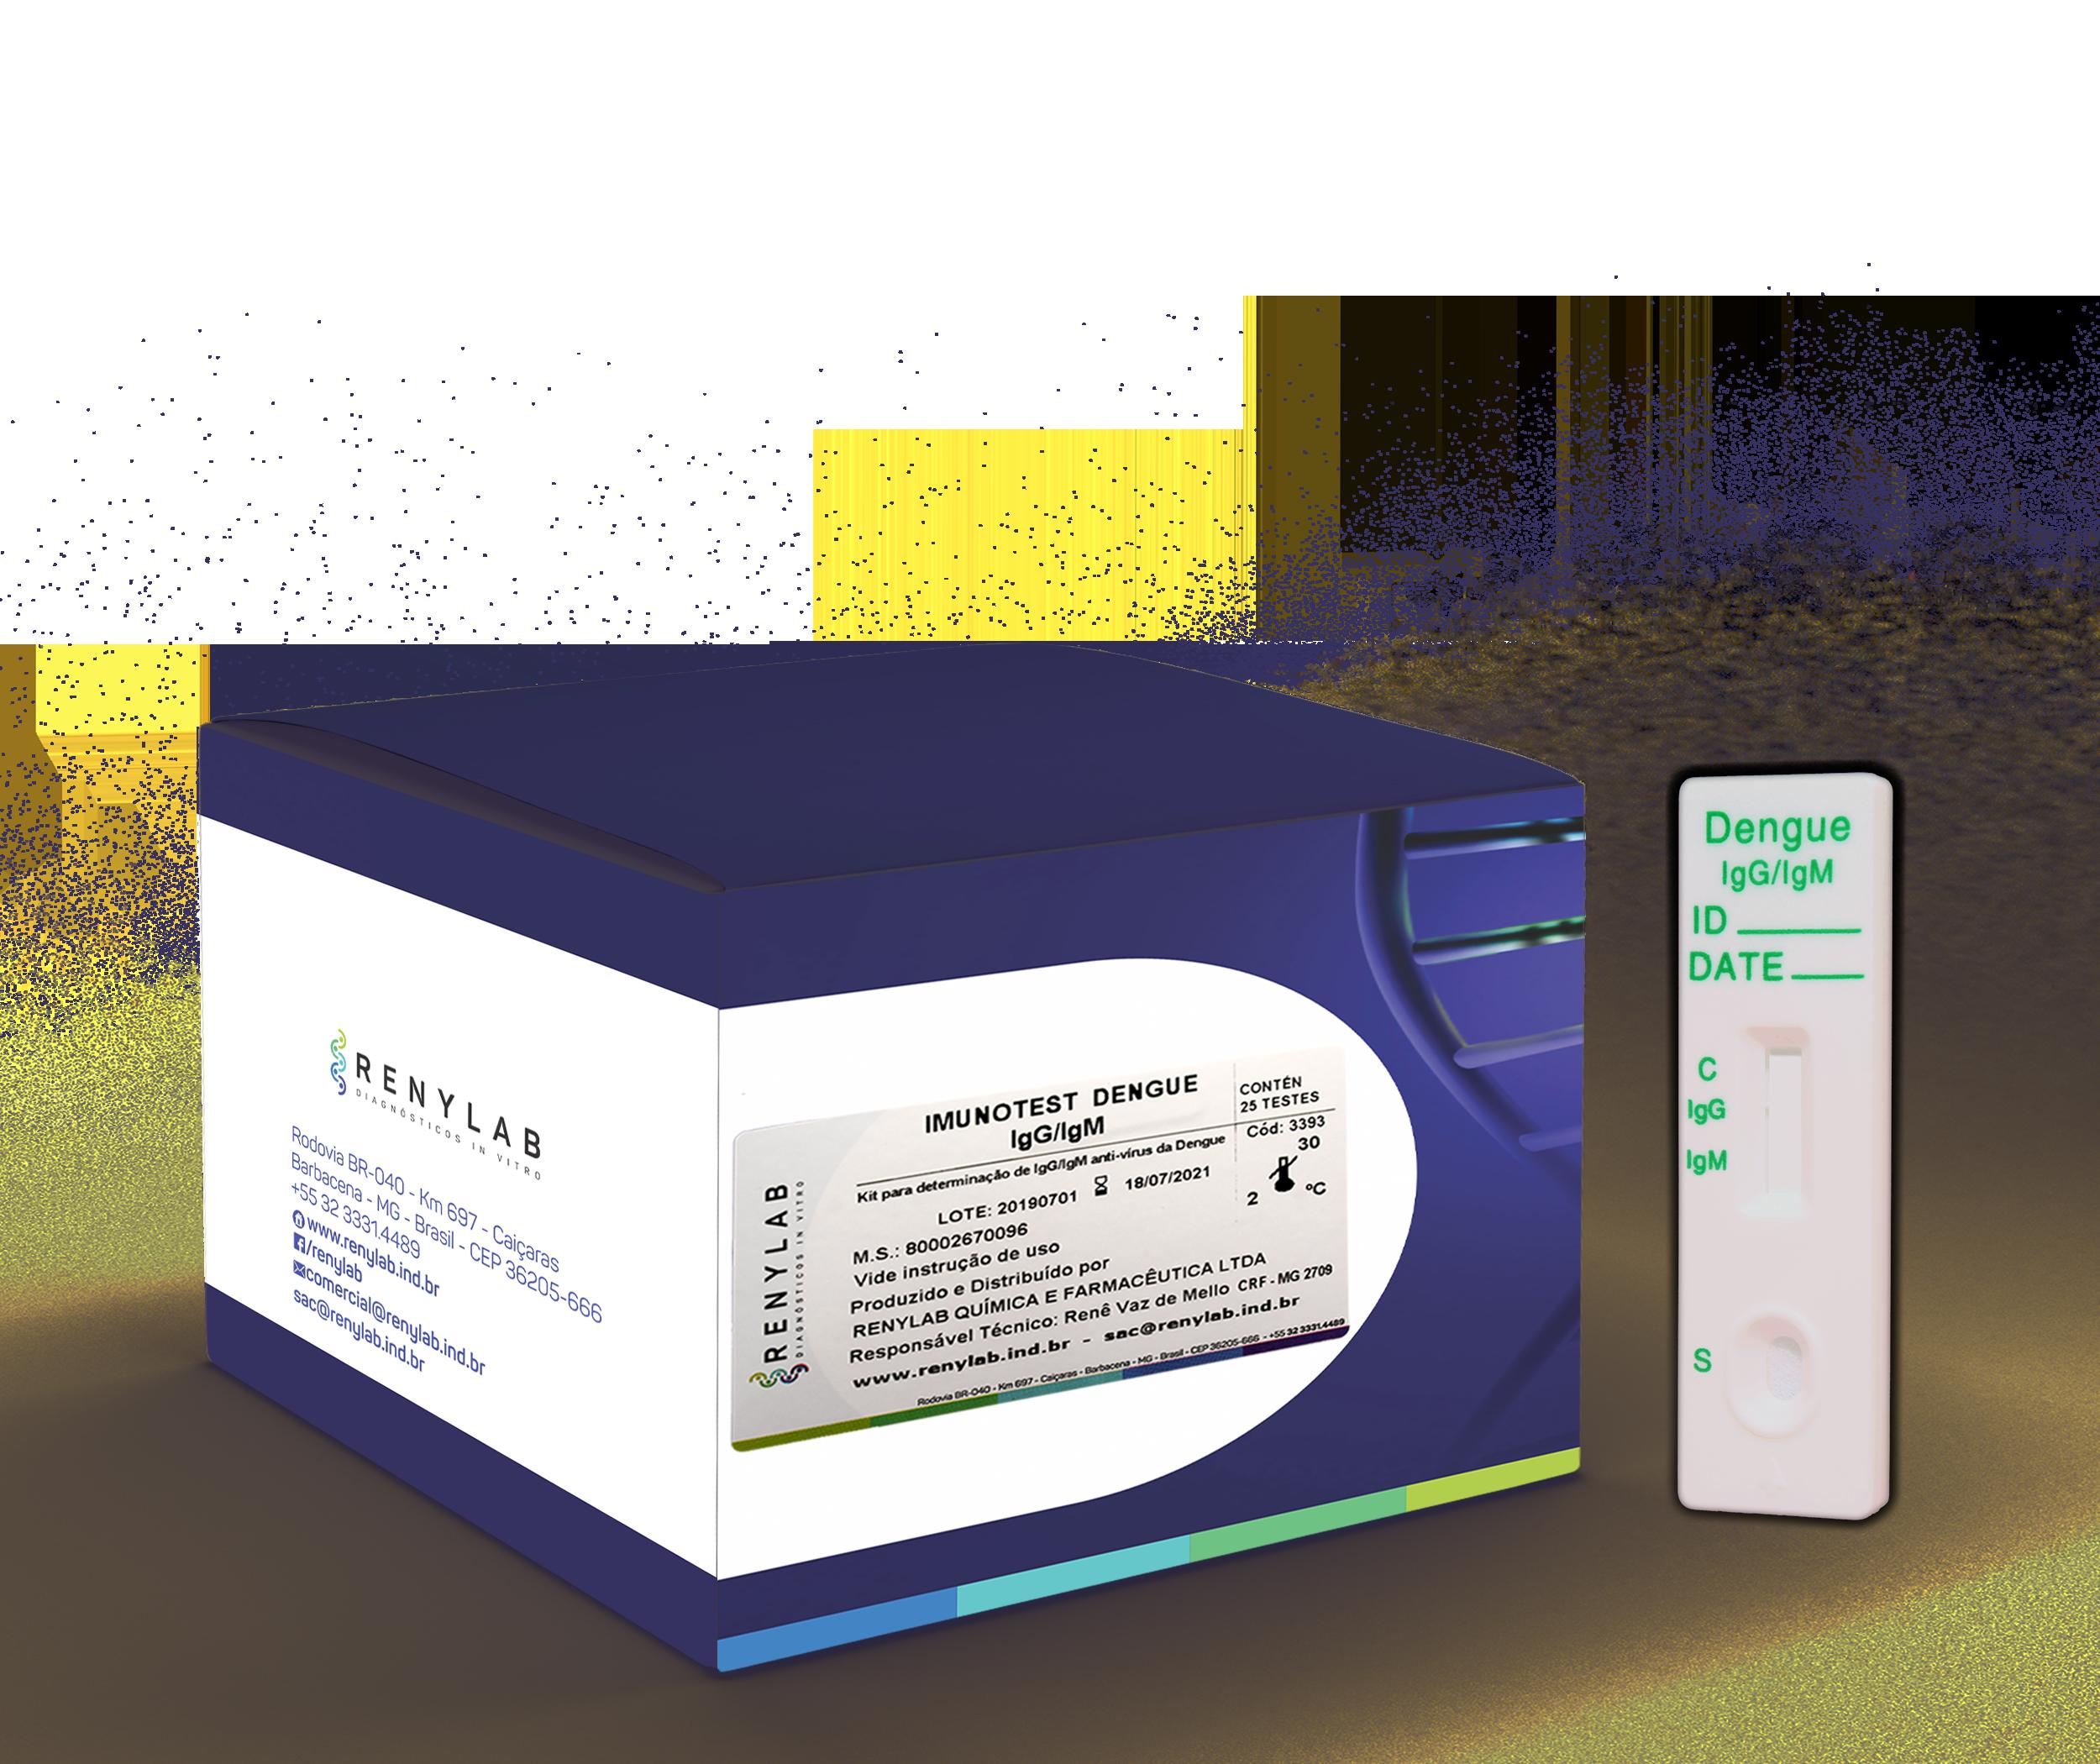 Imunotest Dengue IgG/IgM